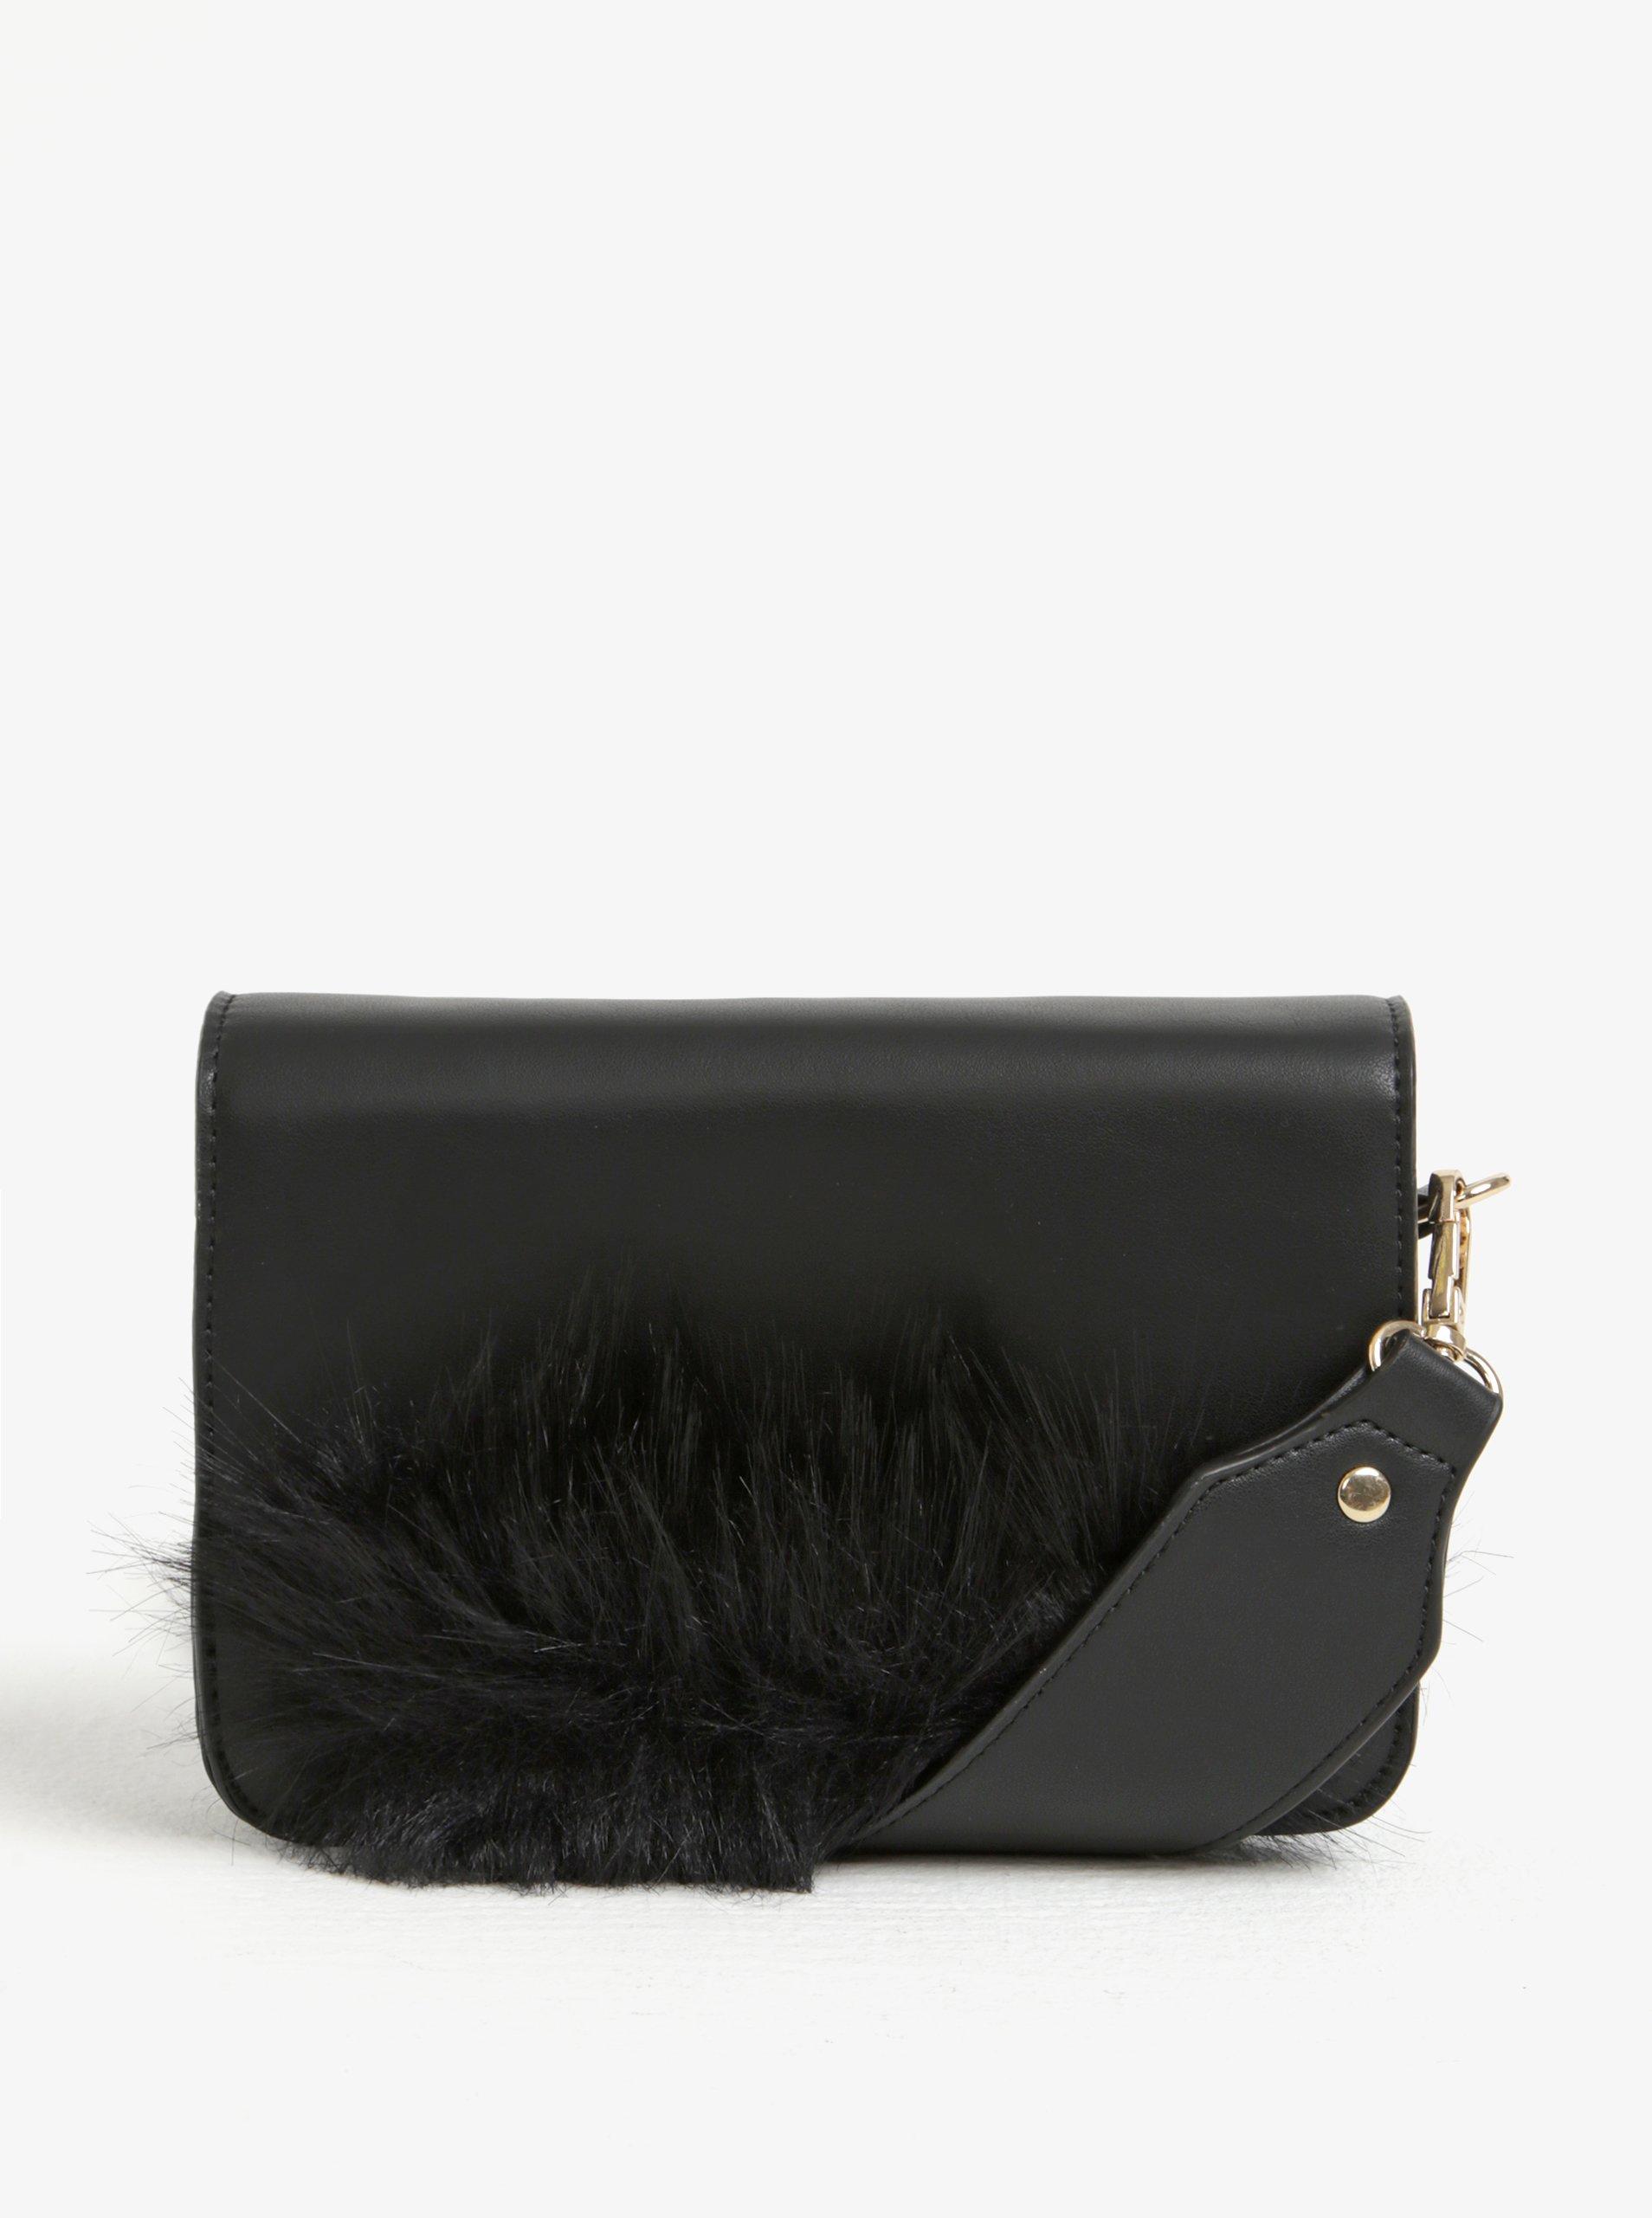 Čierna crossbody kabelka s detailom z umelej kožušiny Pieces Ake ... d253727516a